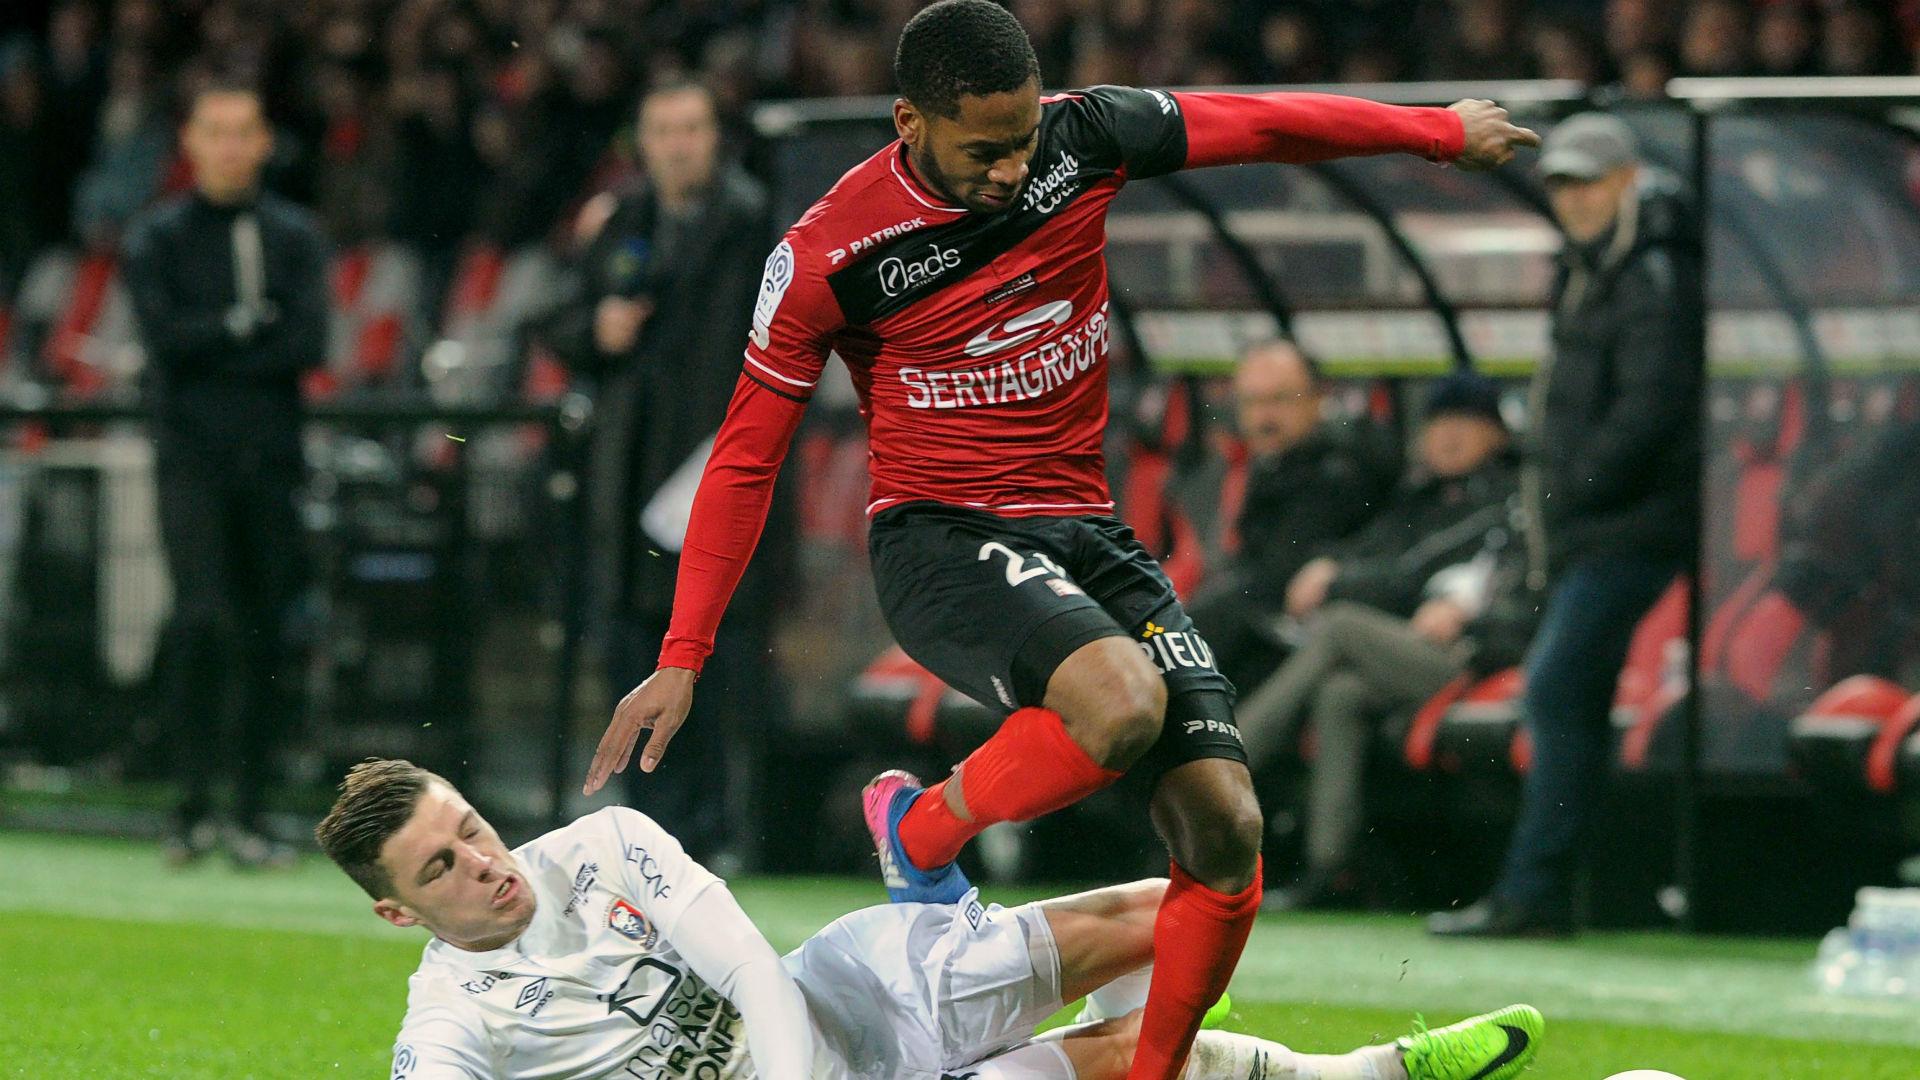 Mercato - Guingamp : Marcus Coco s'engage à Nantes (officiel)